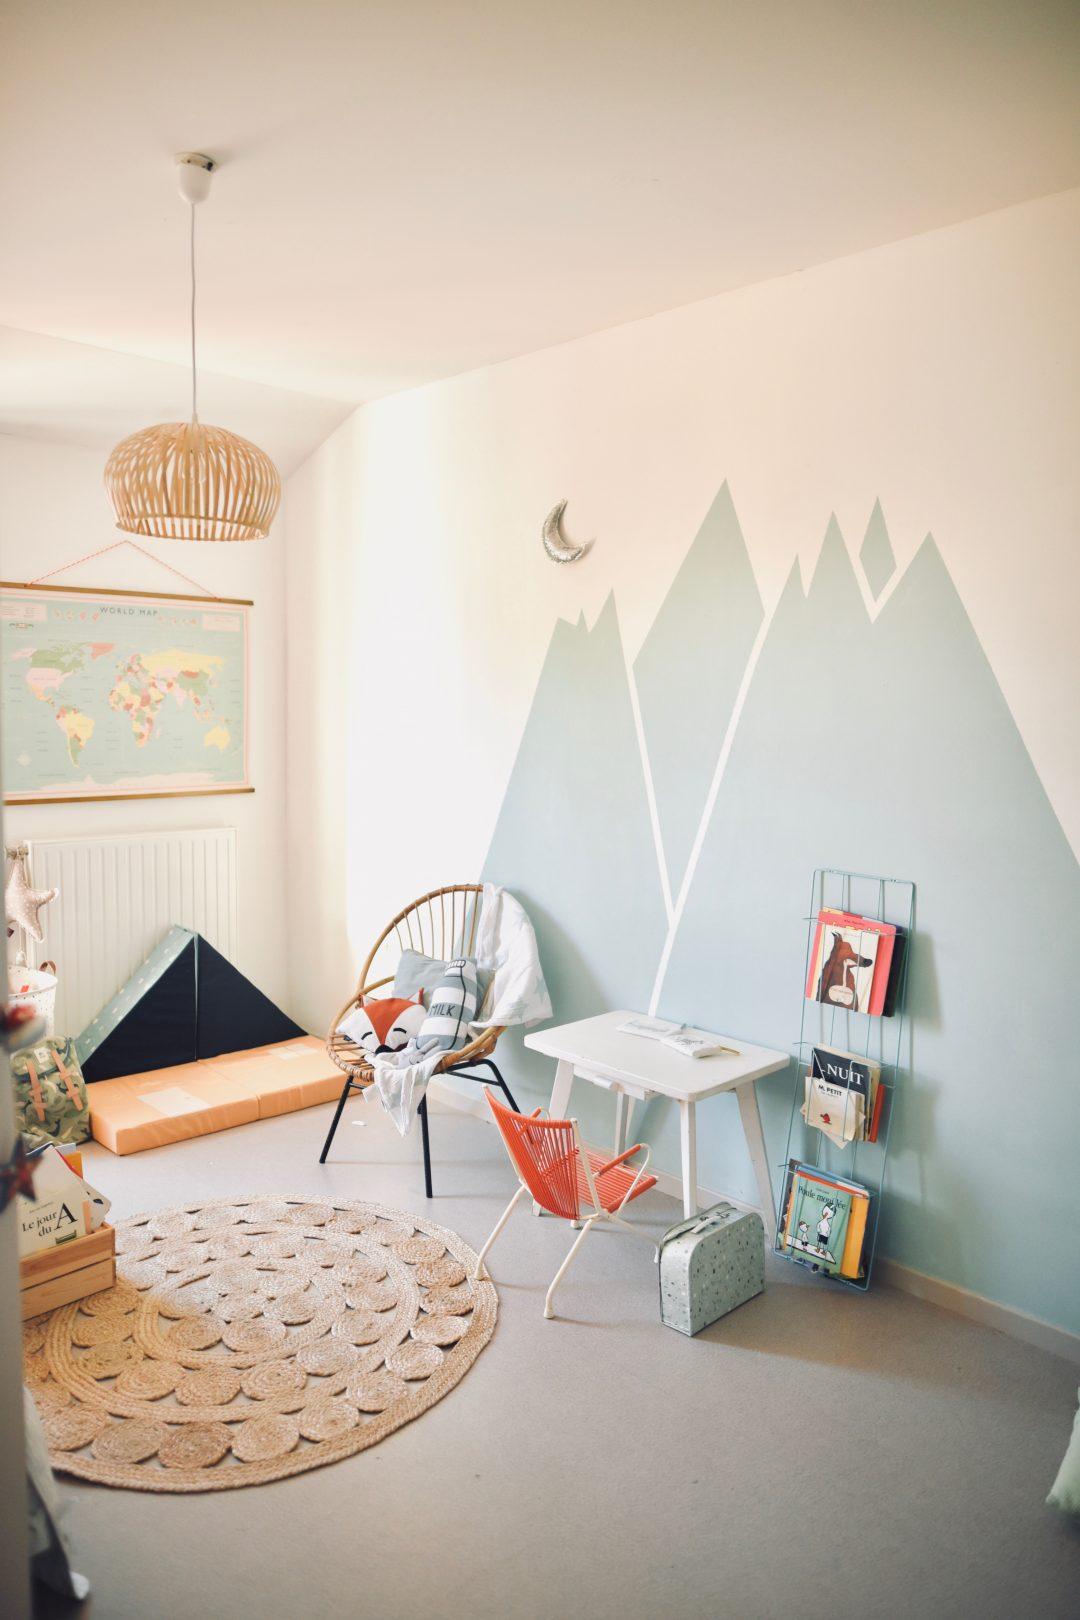 Idée Déco • Peindre des montagnes dans une chambre d\'enfant ...